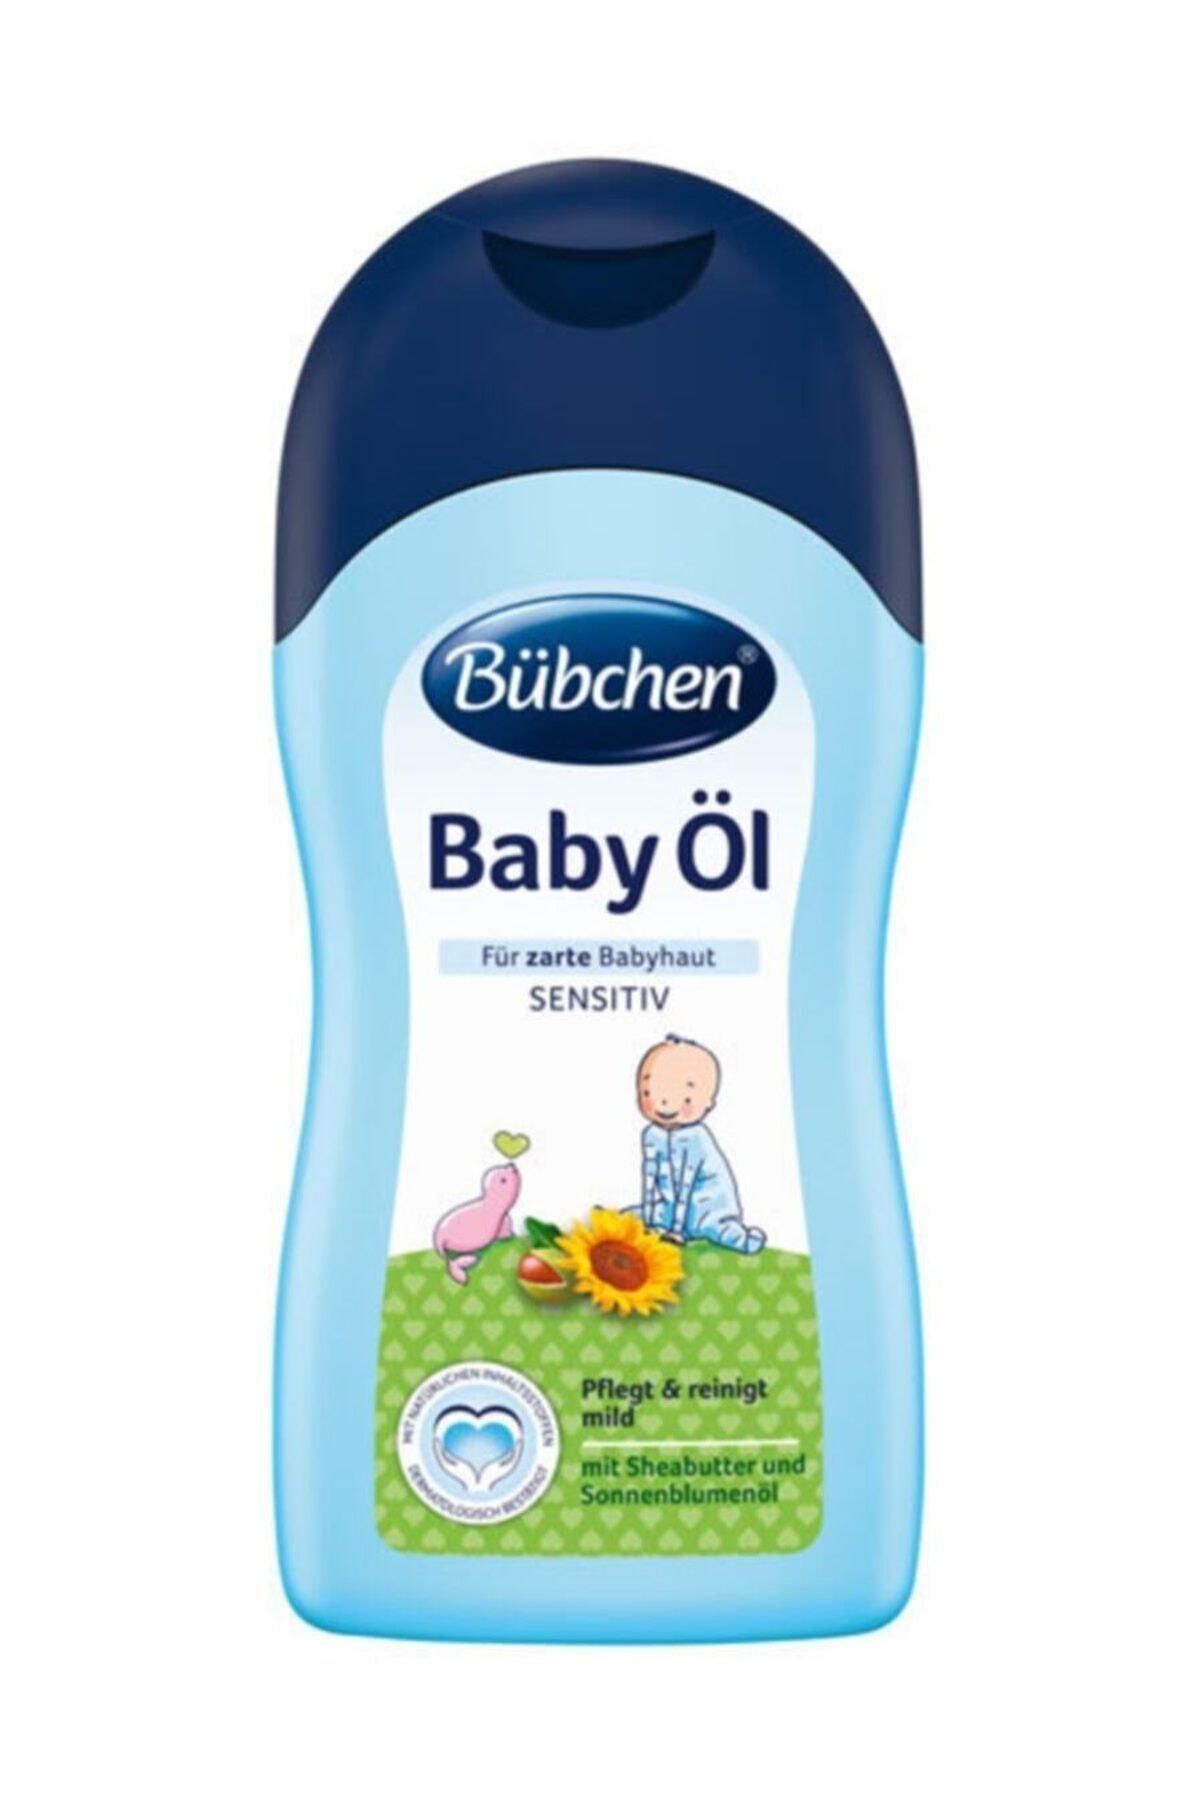 Bübchen Bebek Yağı (Baby Oil) 400 ml 1